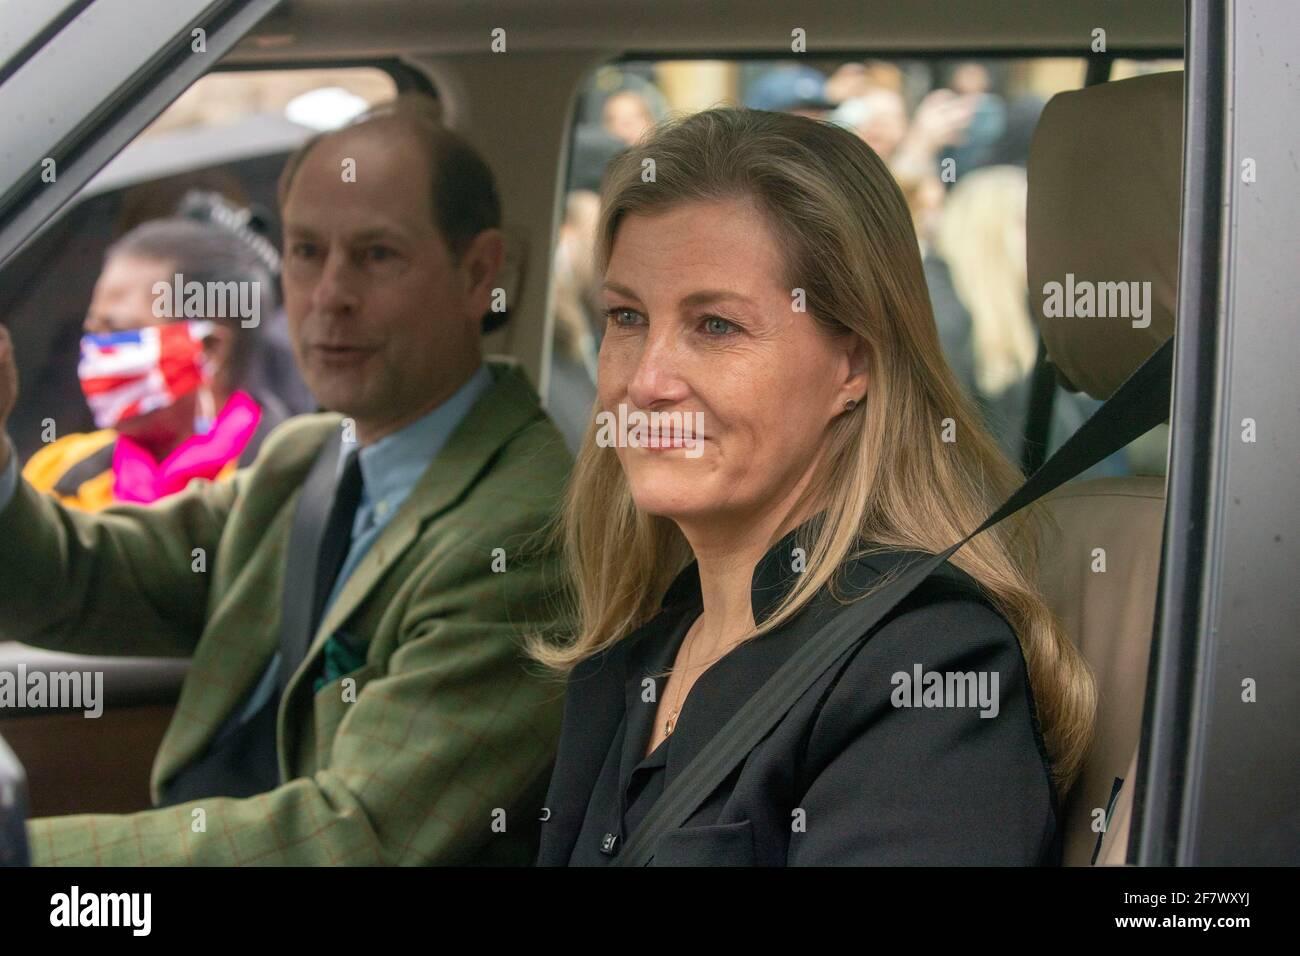 Il conte e la contessa di Wessex lasciano il Castello di Windsor, Berkshire, dopo l'annuncio della morte del duca di Edimburgo all'età di 99 anni. Data immagine: Sabato 10 aprile 2021. Foto Stock